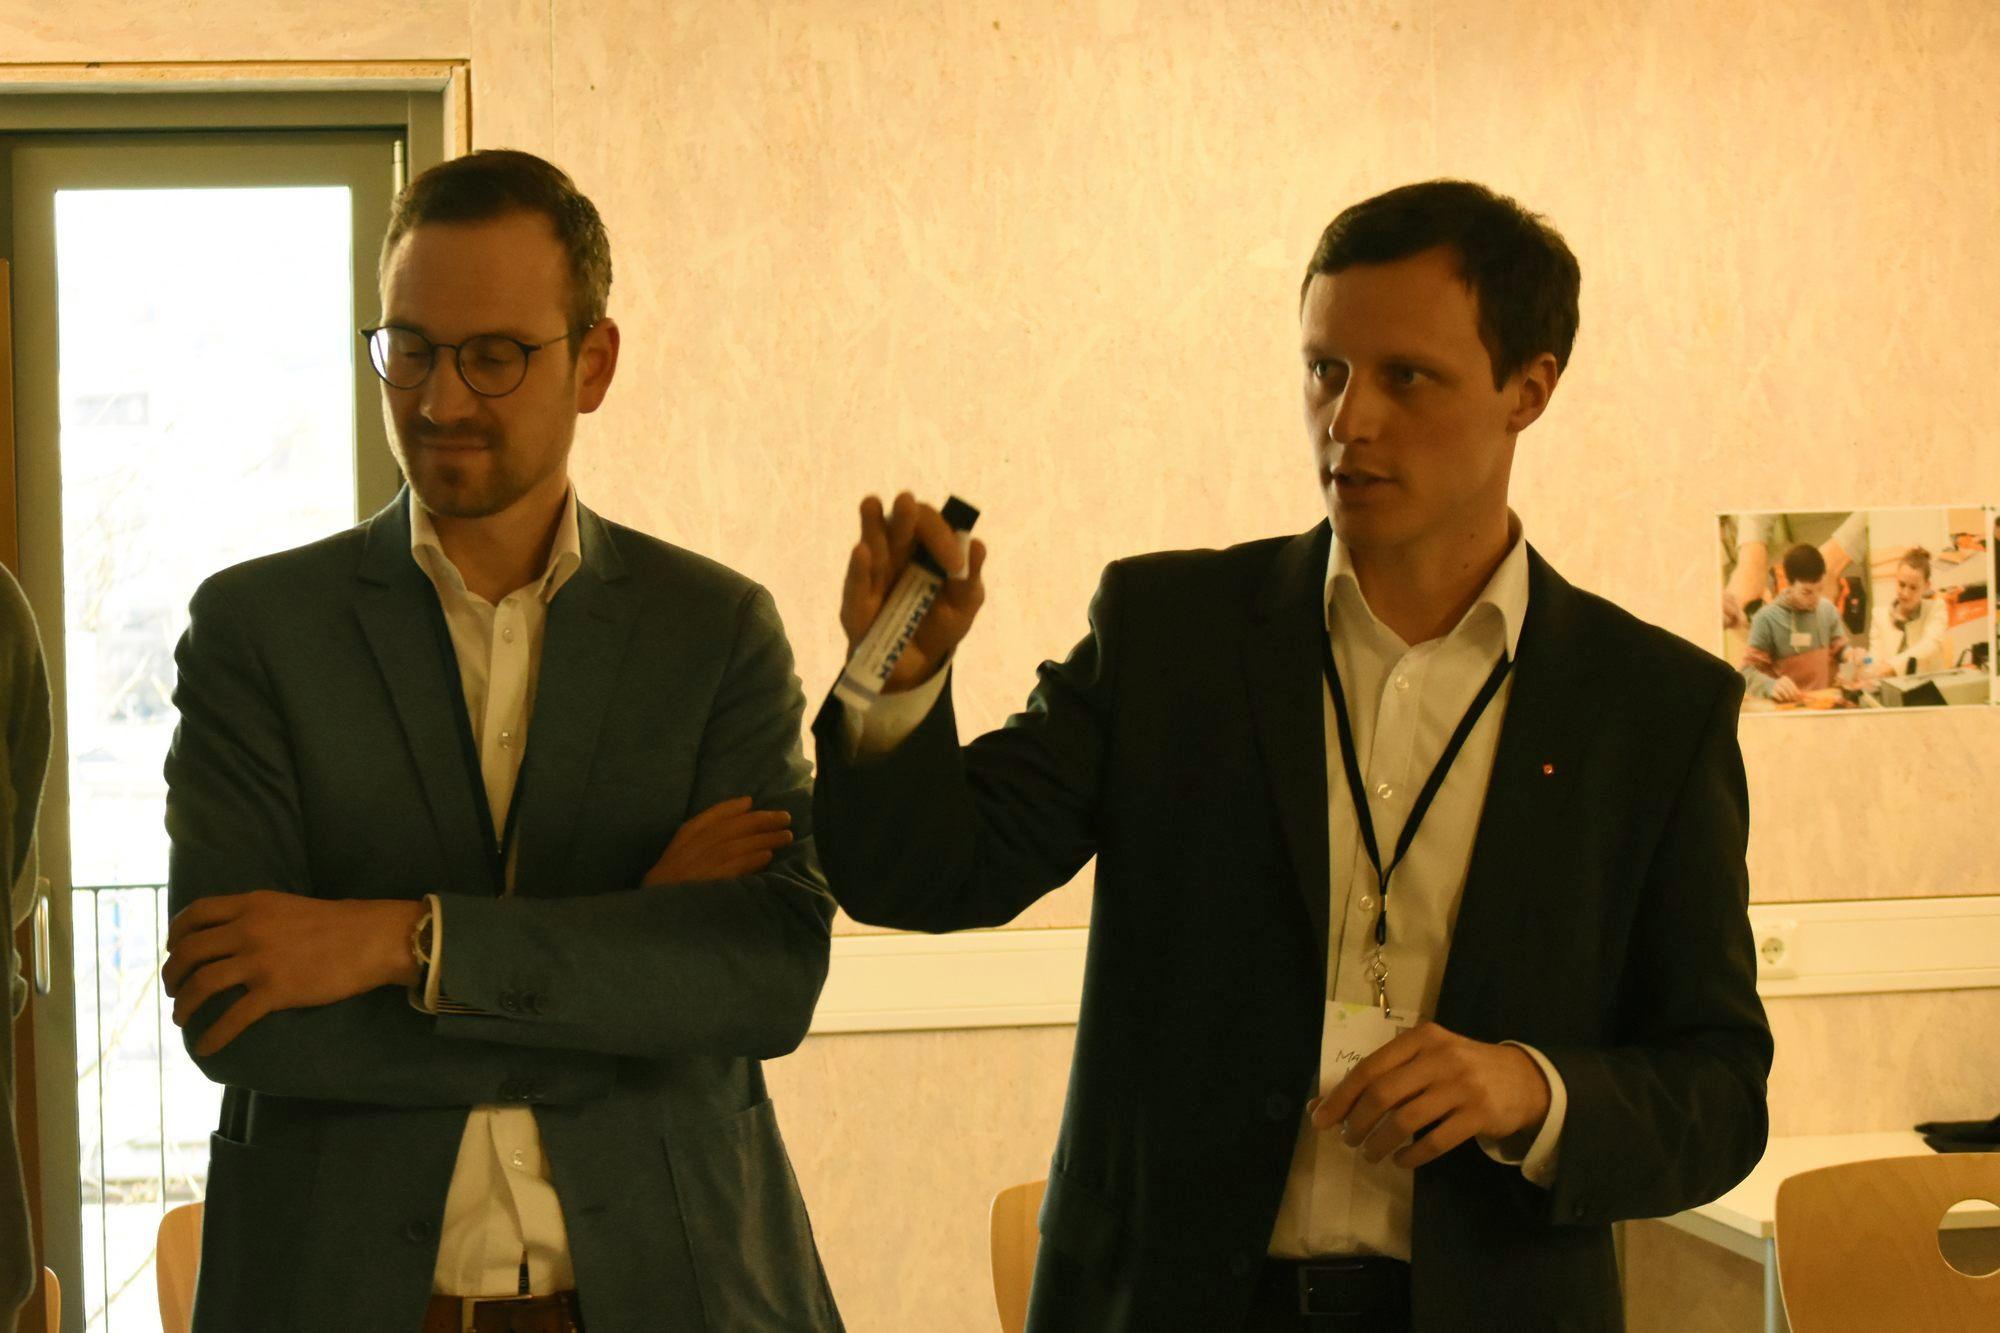 Die Teilnehmer in der Diskussion